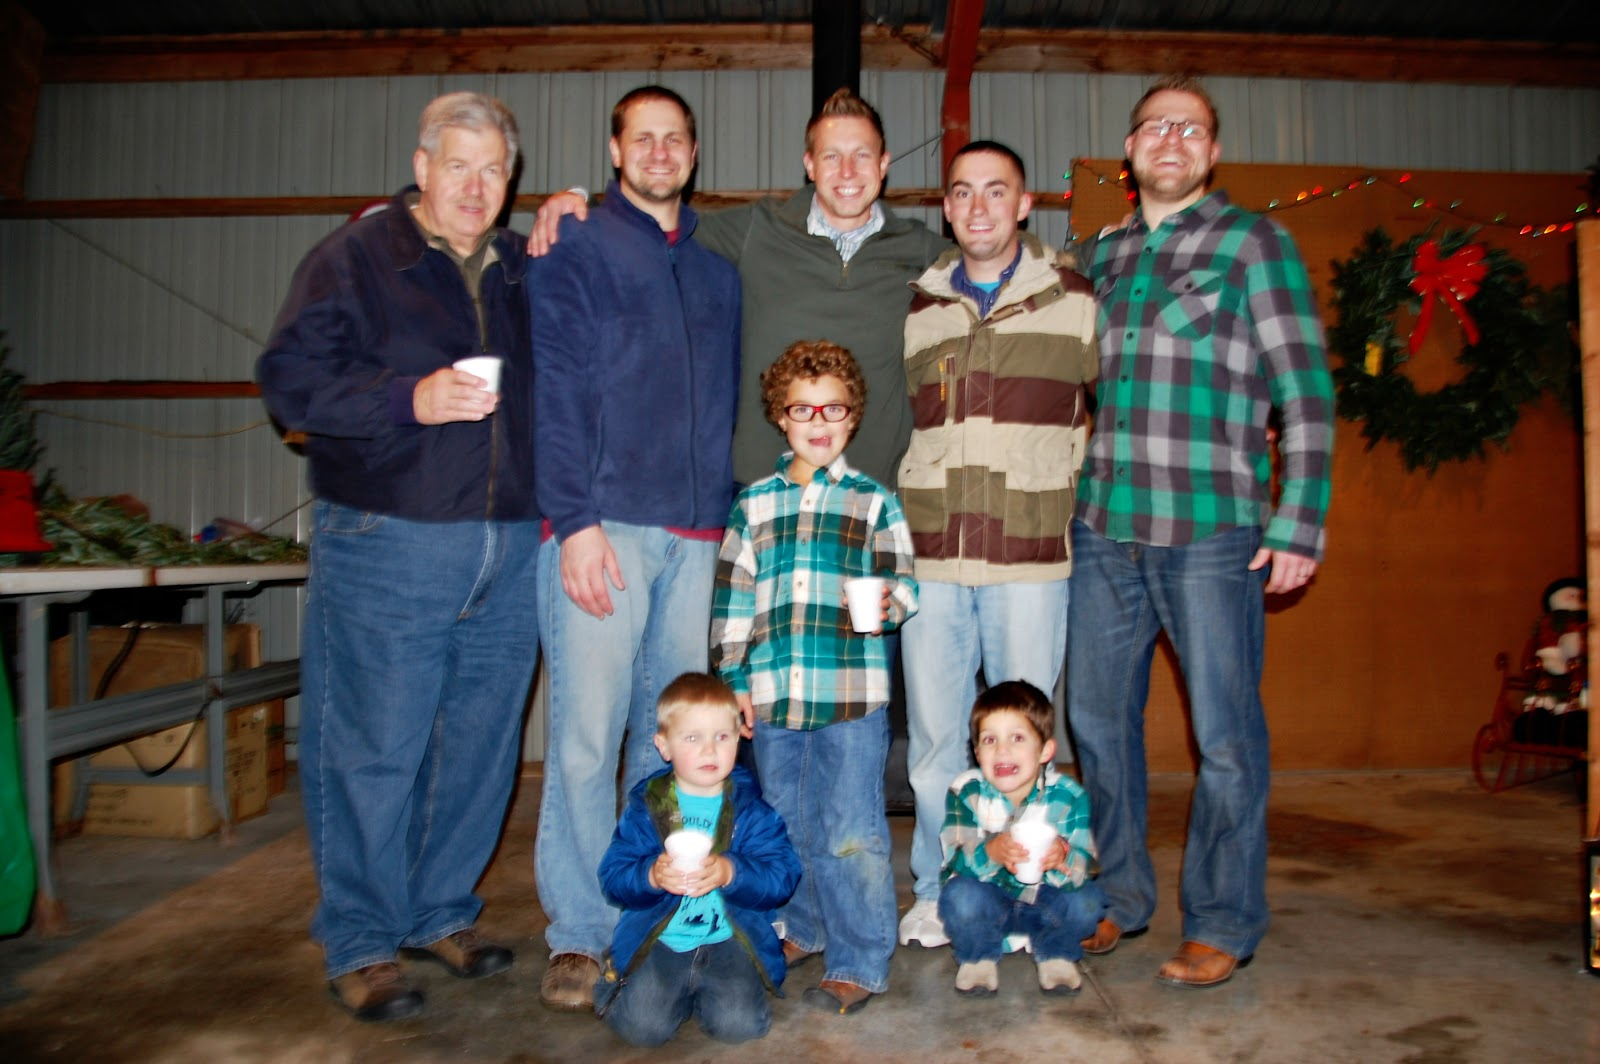 Cicconeland: Ciccone Family 2011